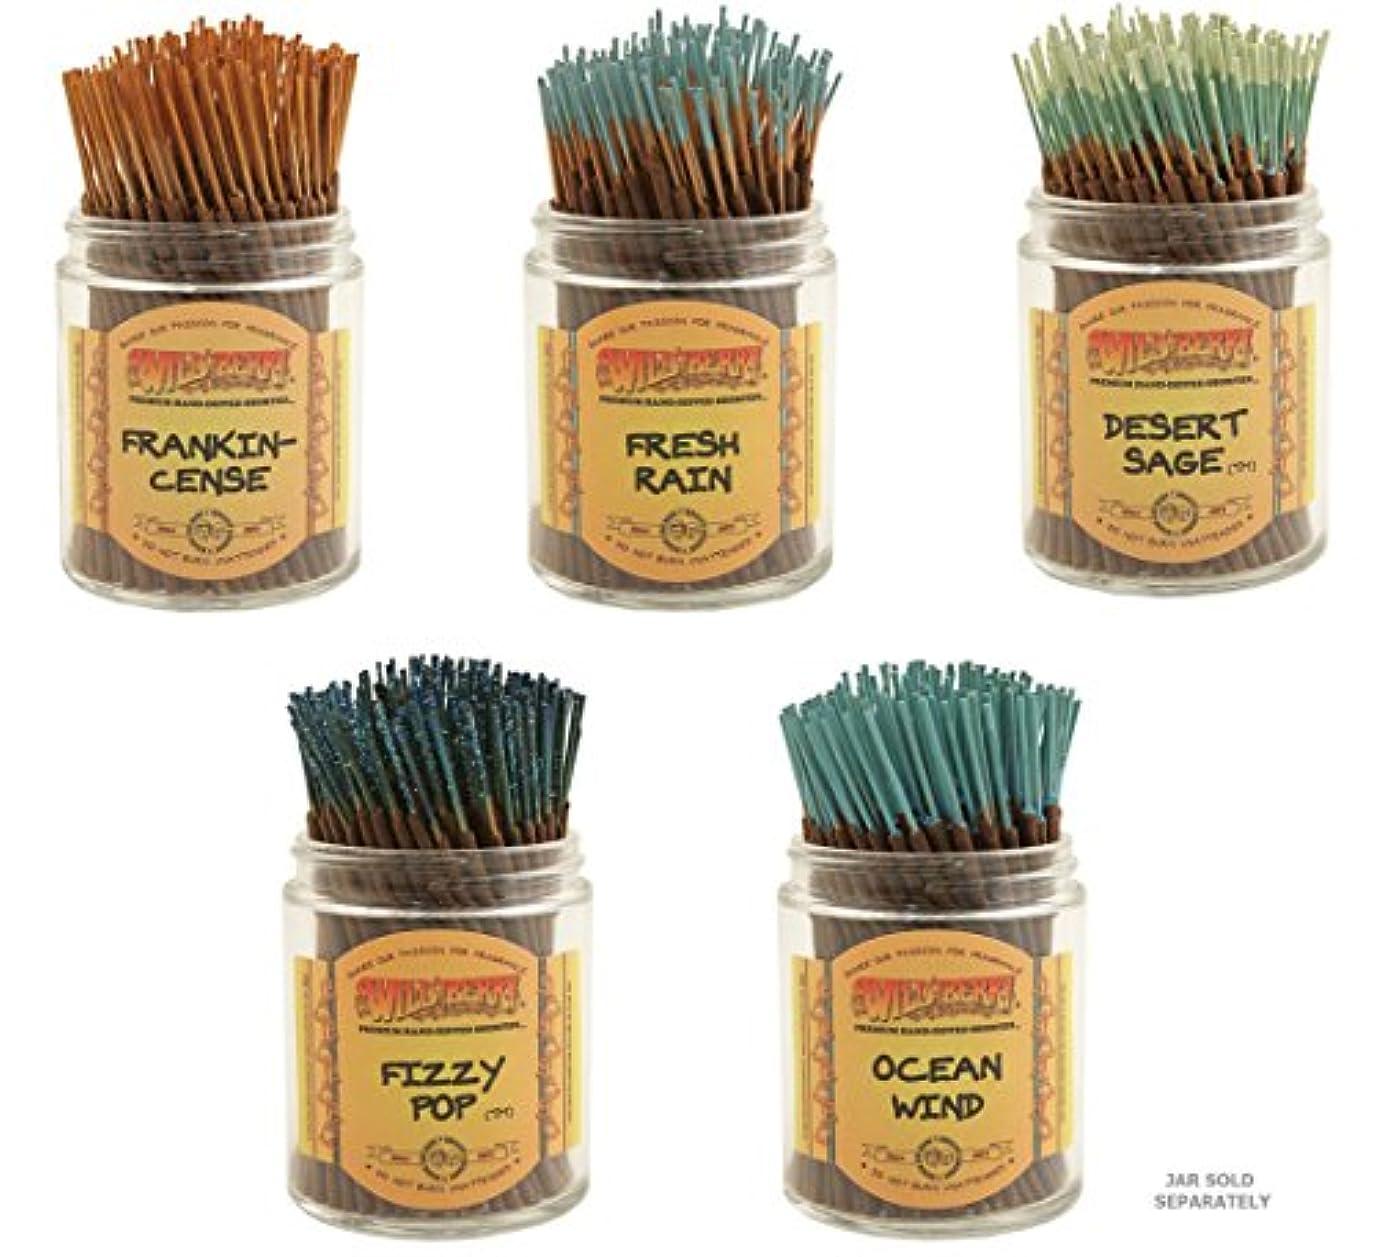 単調なびっくりした羊のWildberry Short Incense Sticks – Set of 5秋Fragrances – 砂漠セージ、Fizzy Pop , Frankincenseフレッシュ、雨、海洋風( 100各パック、合計500...